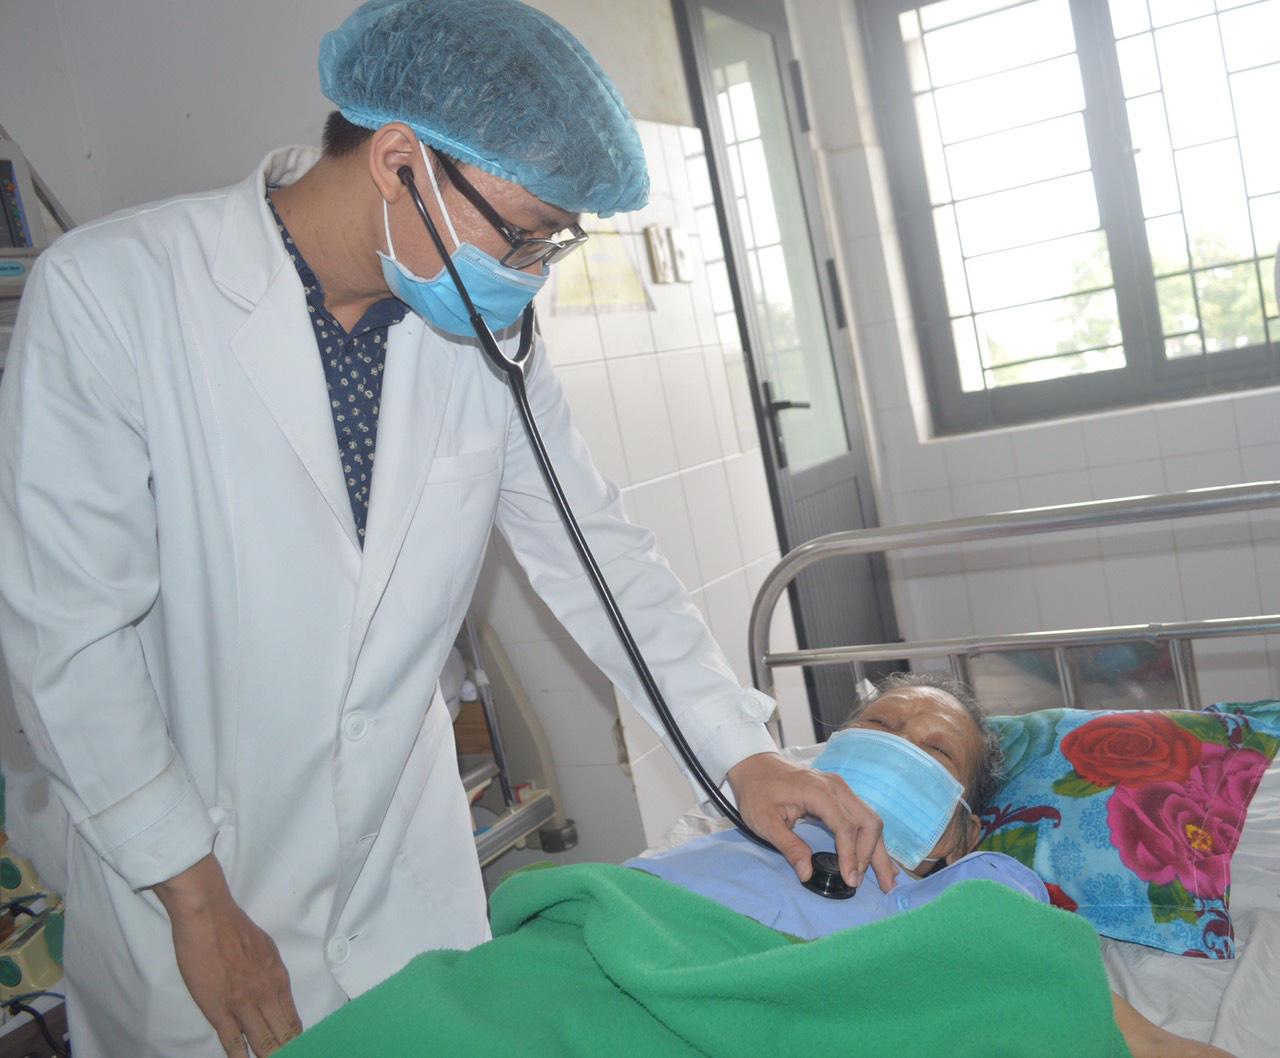 Bệnh viện Đa khoa Trung ương Cần Thơ: Trong hai ngày cứu sống 10 bệnh nhân nhồi máu cơ tim cấp - Ảnh 2.